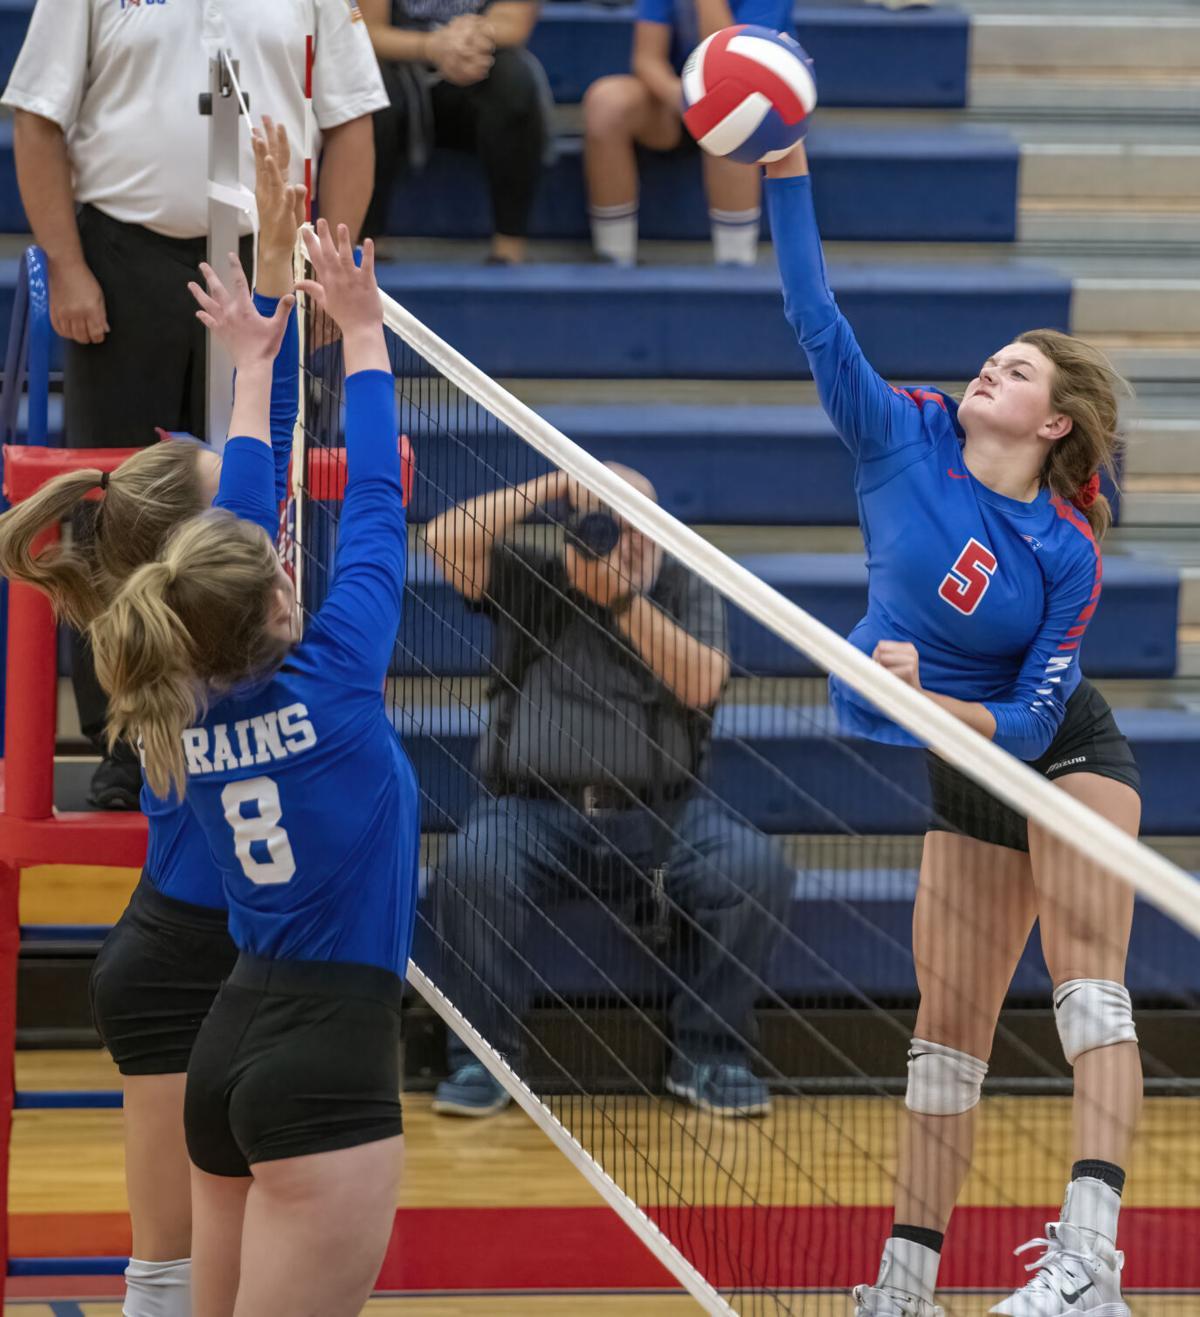 10-15 prairiland volleyball 2